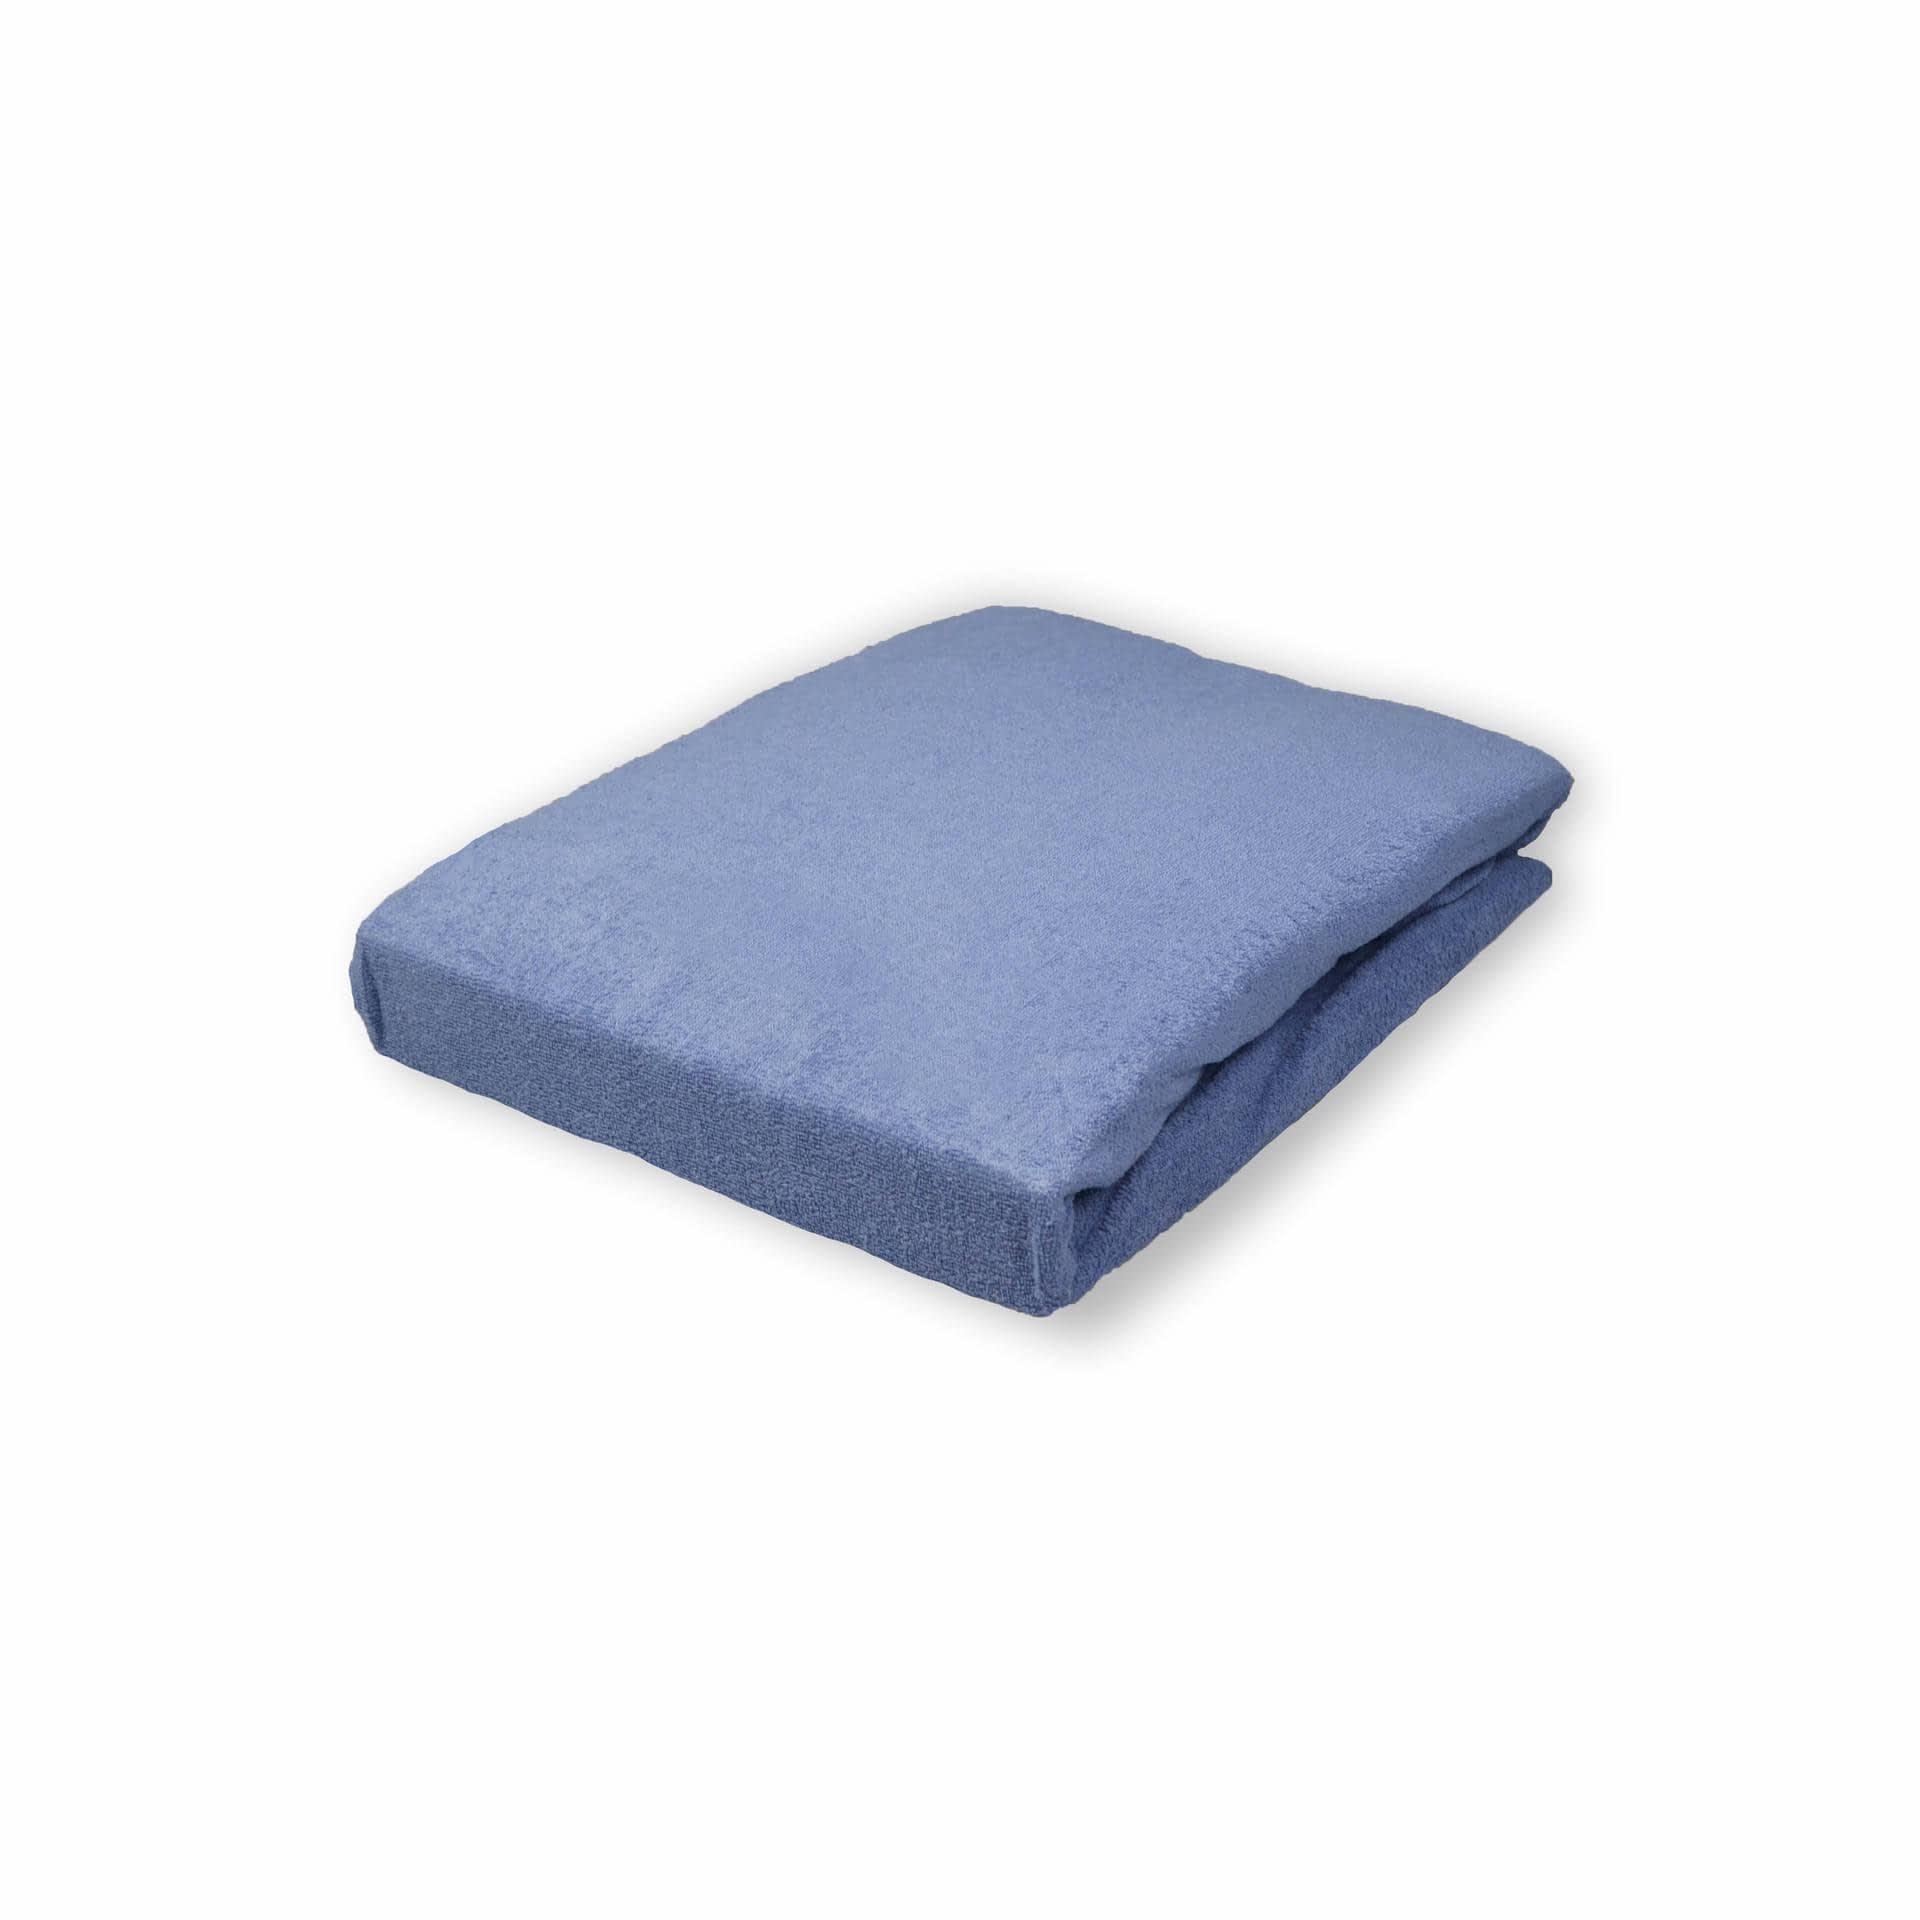 Ткани простыни - Простынь махровая на резинке джинс  180х200 см